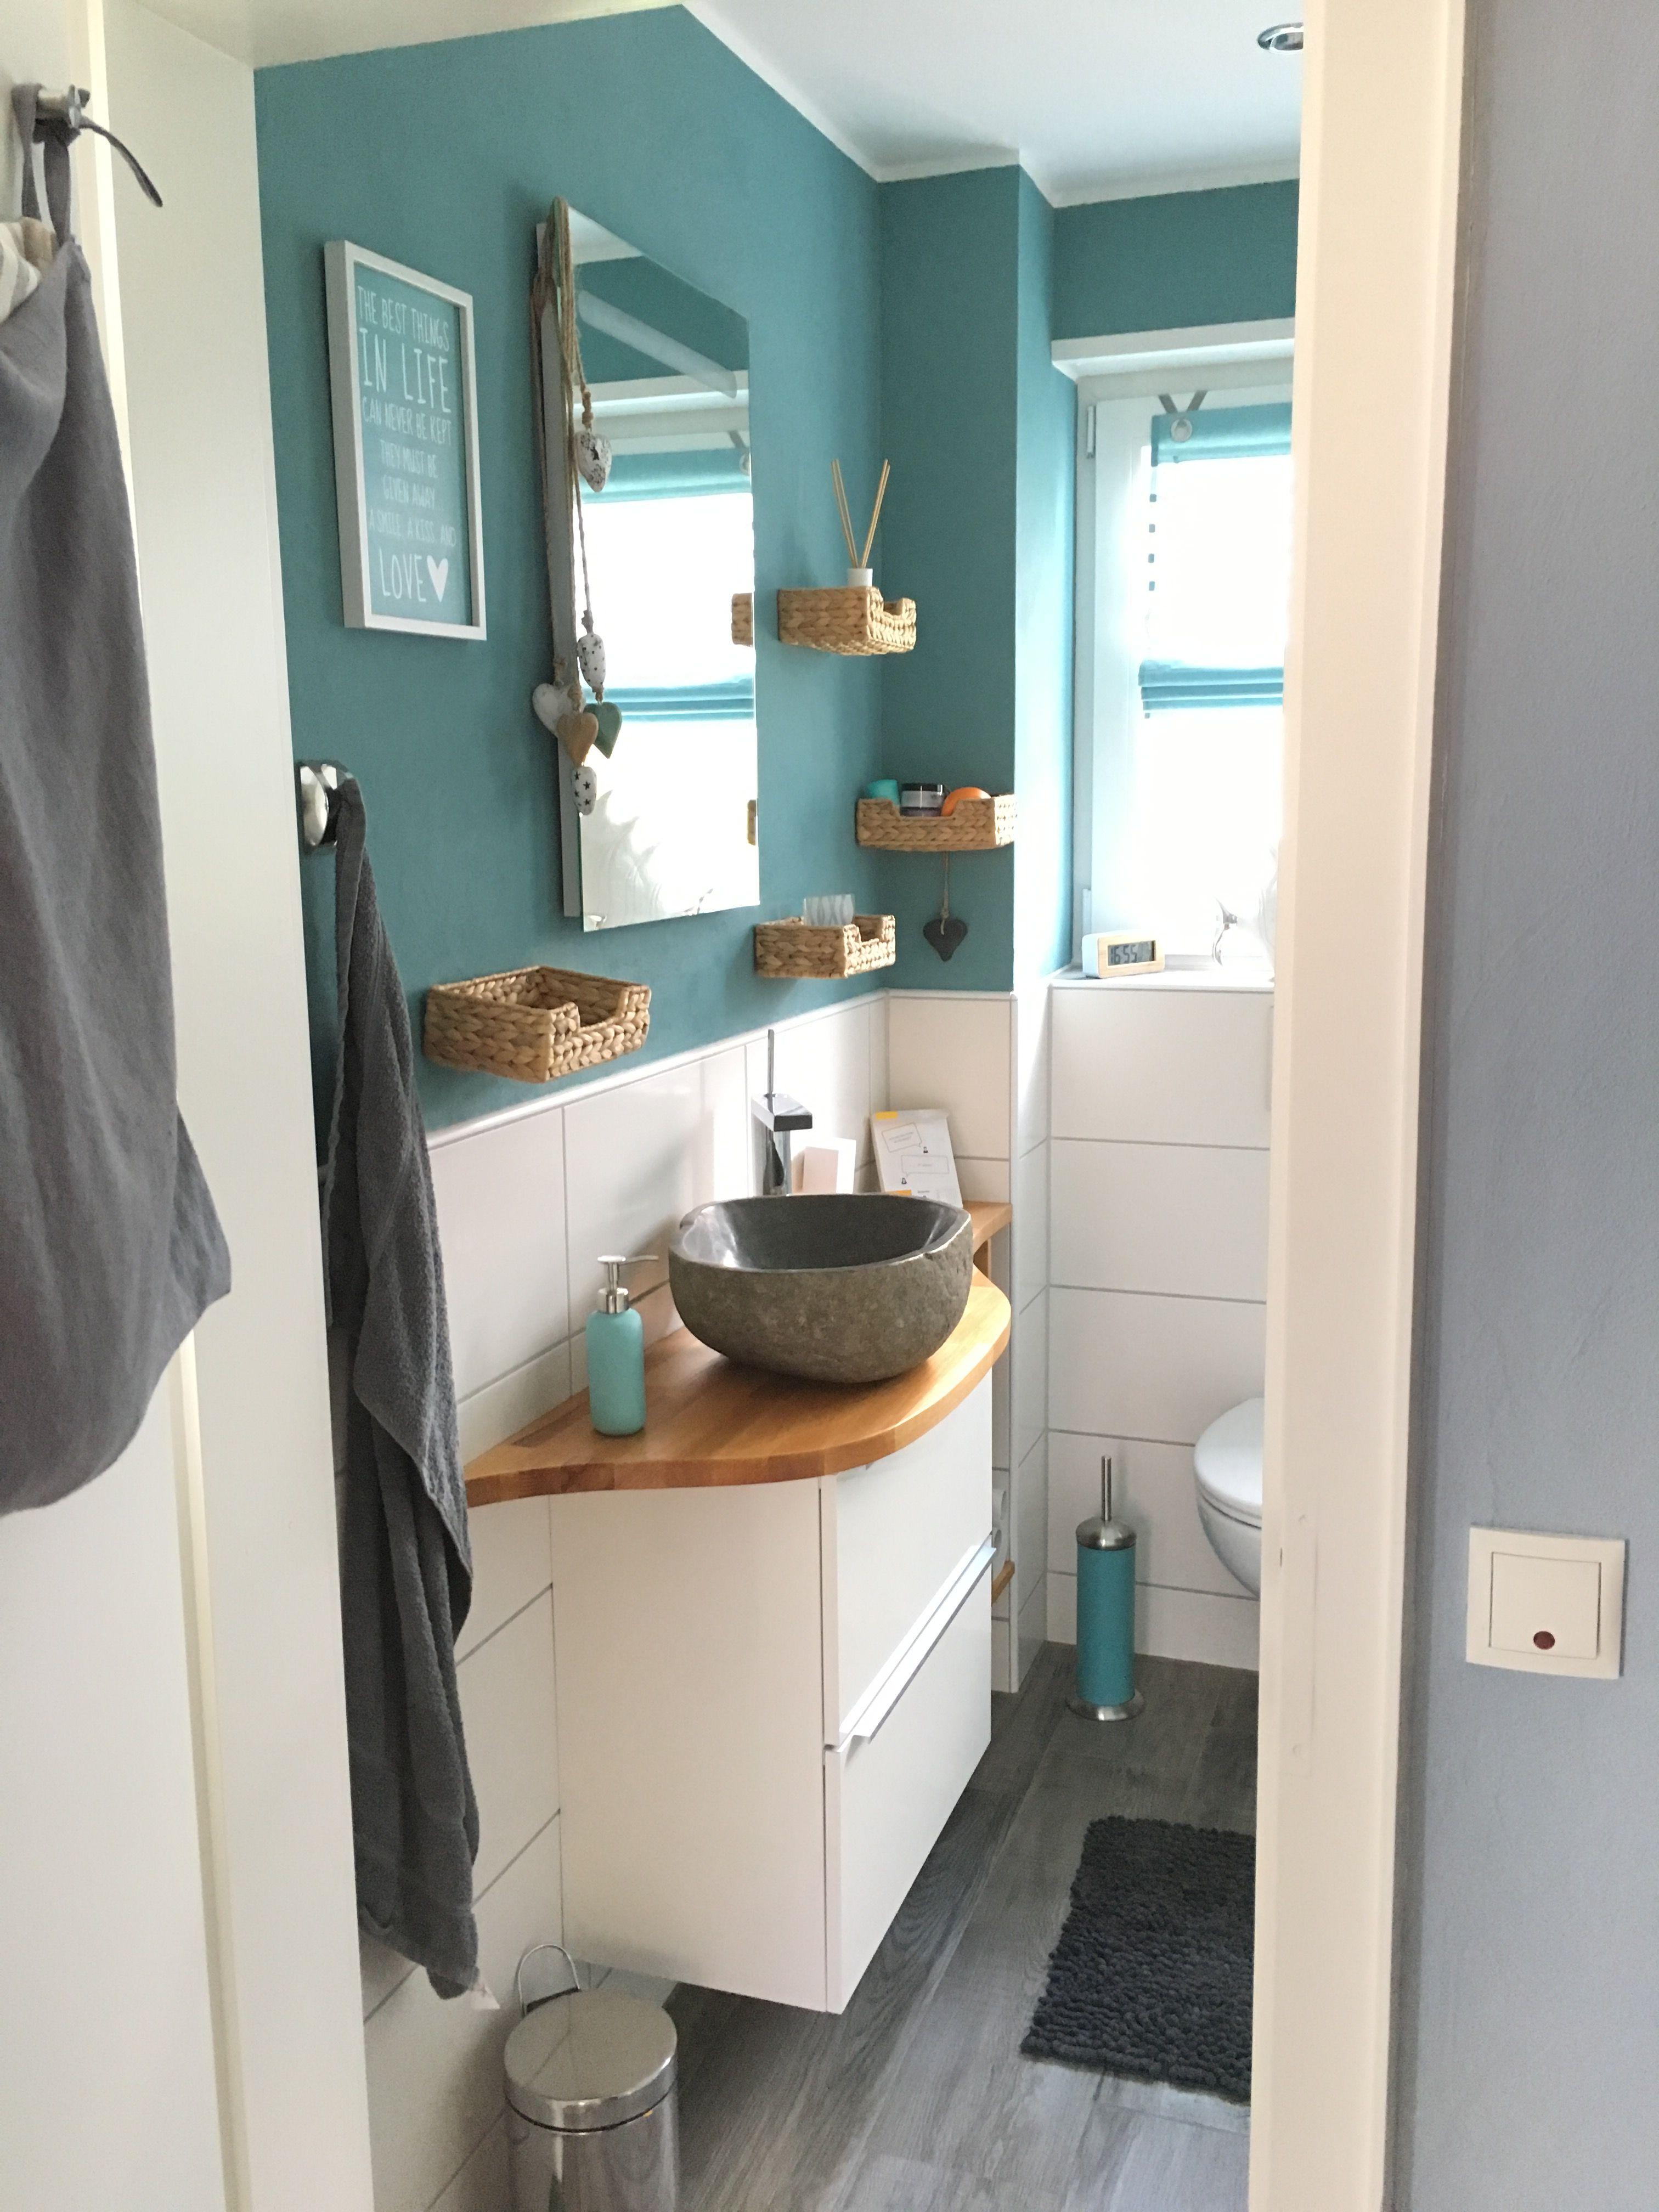 Kleines Bad Mit Diy Waschtisch Aus Ikea Godmorgon Unterschrank